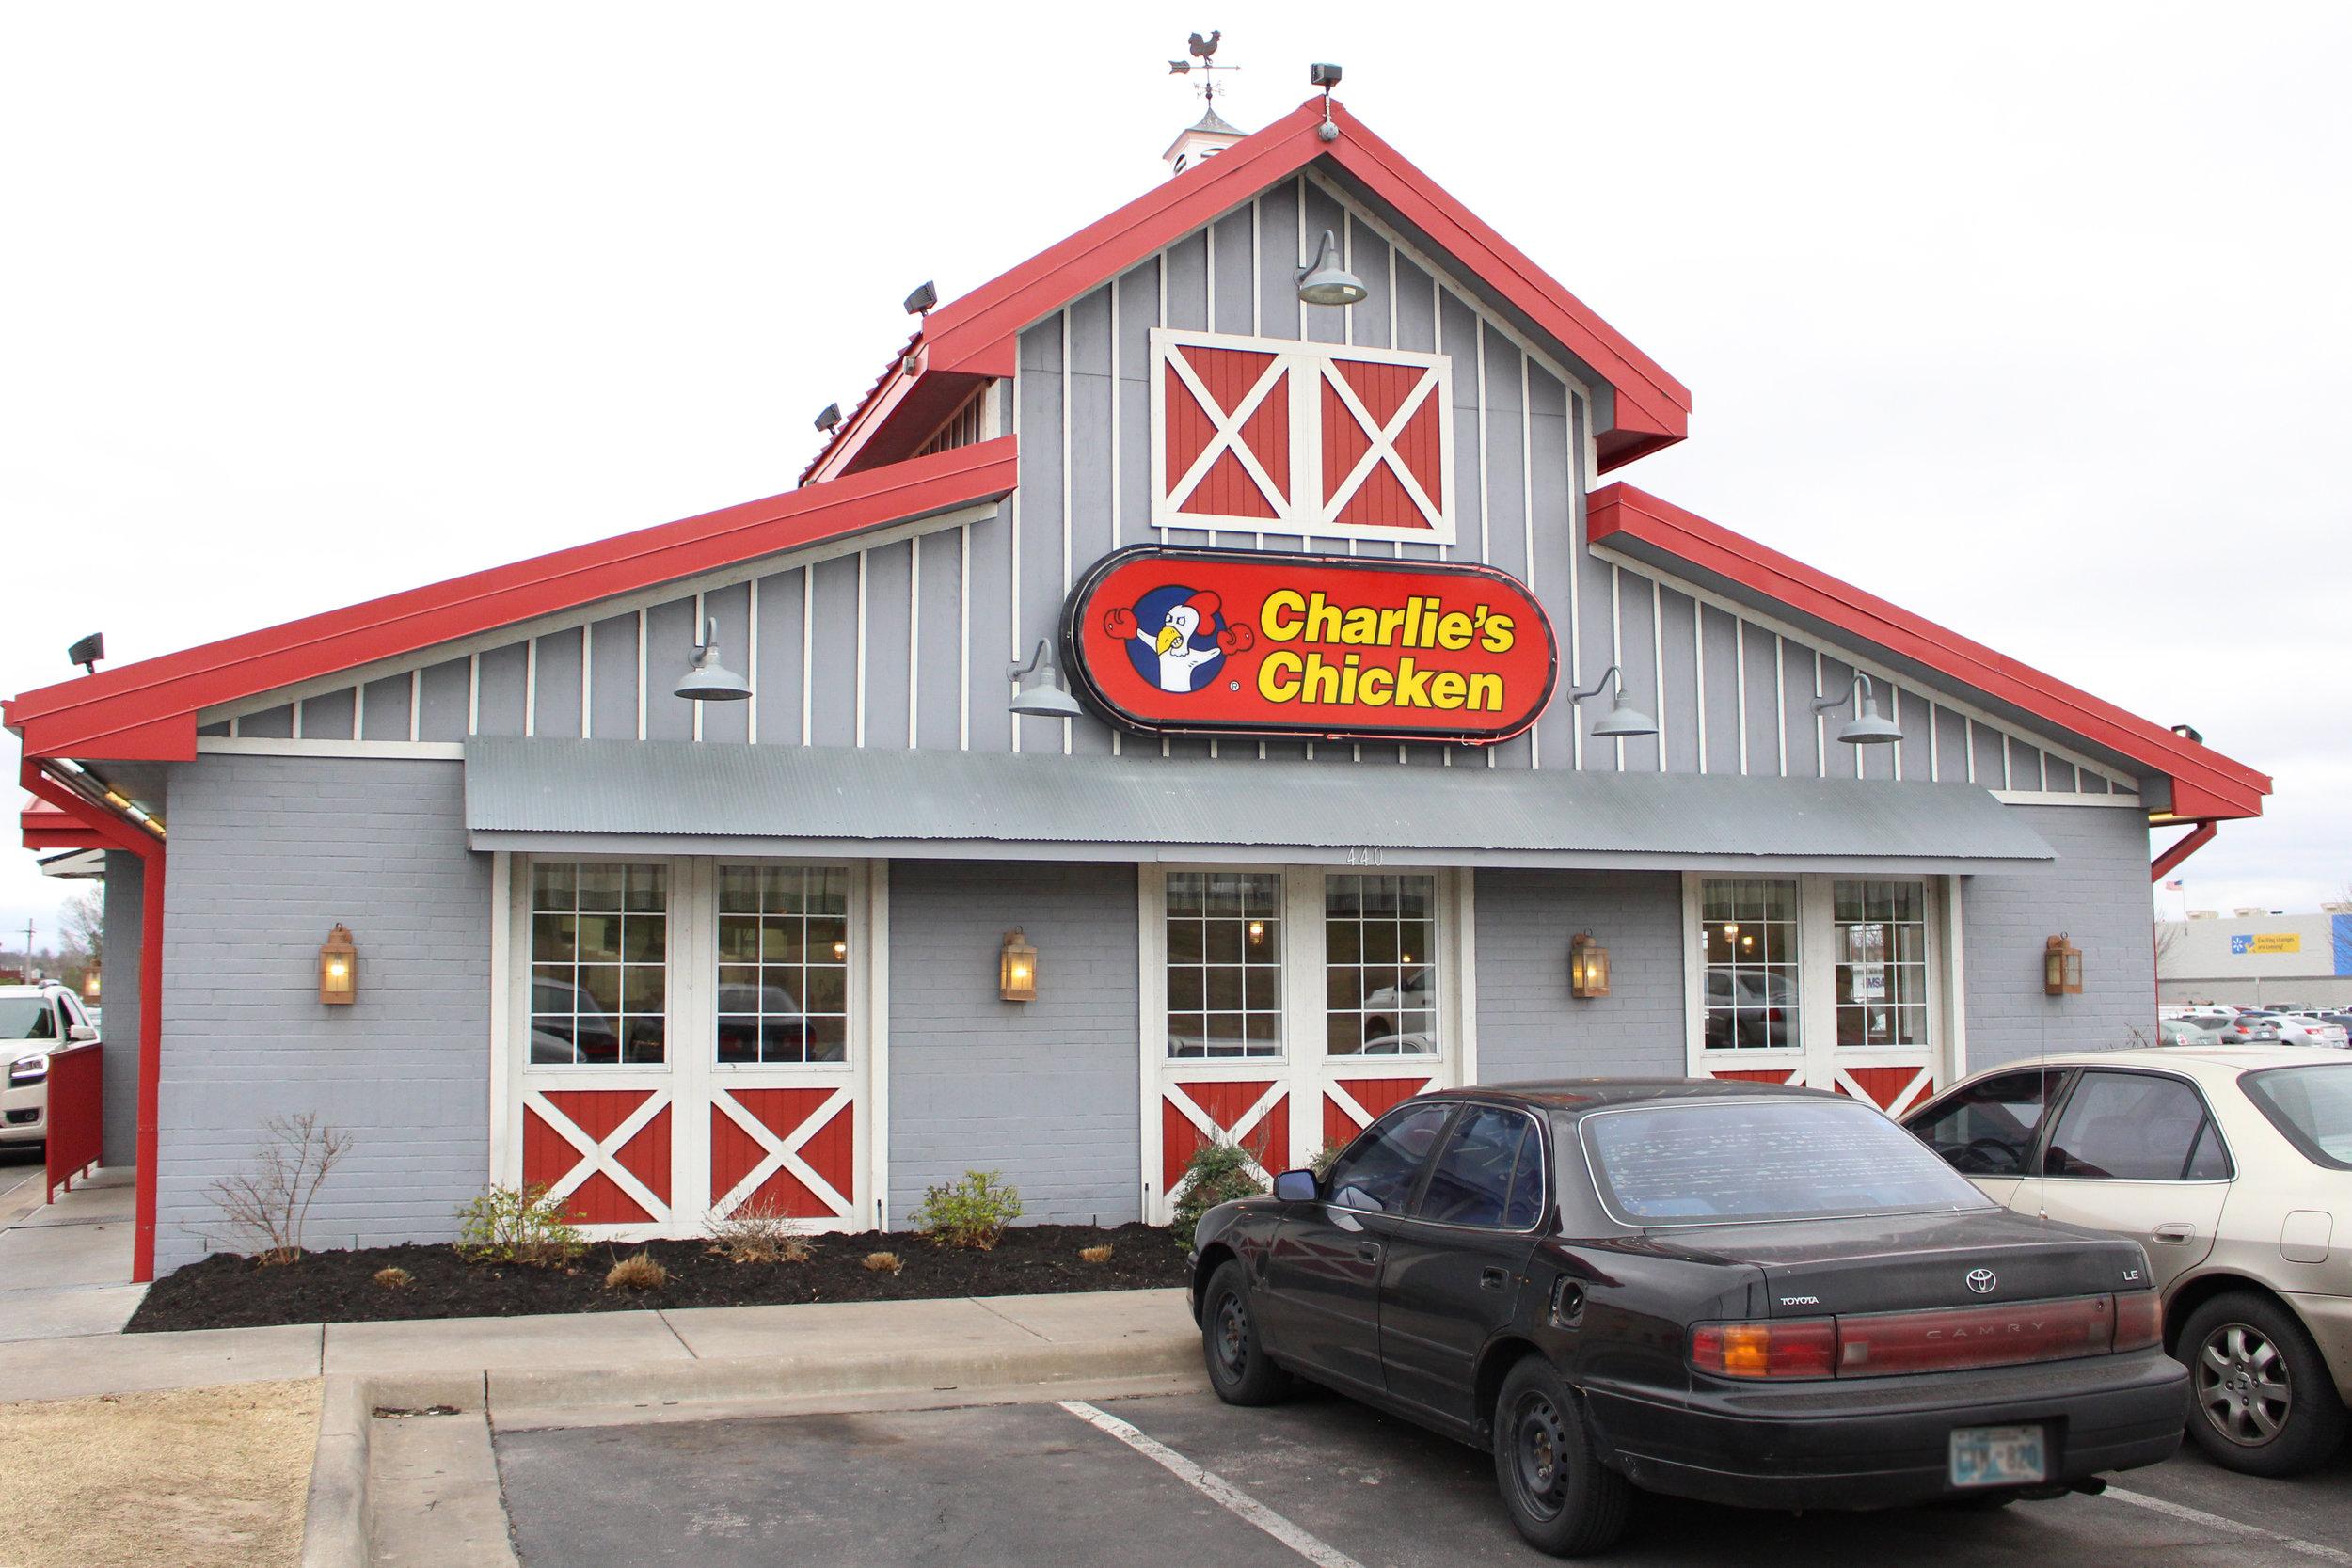 charlie's chicken 440 west wekiwa road